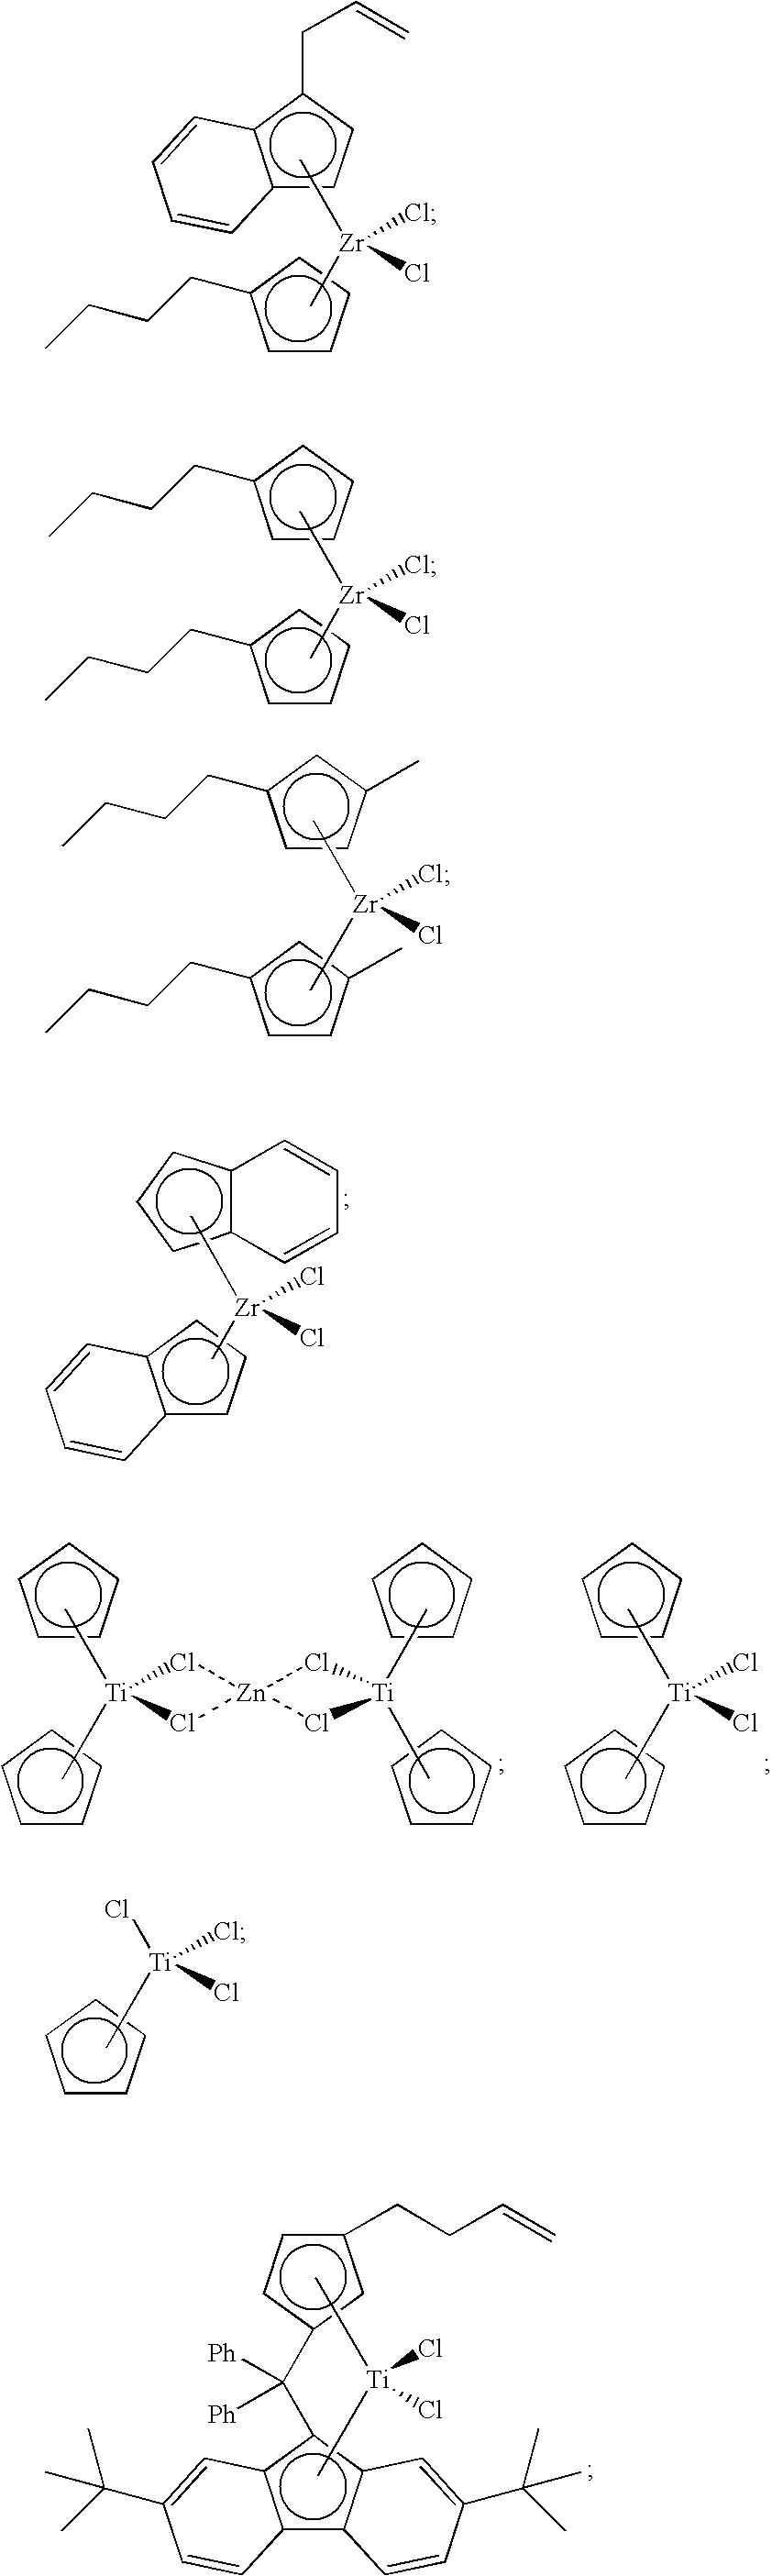 Figure US20100331505A1-20101230-C00003